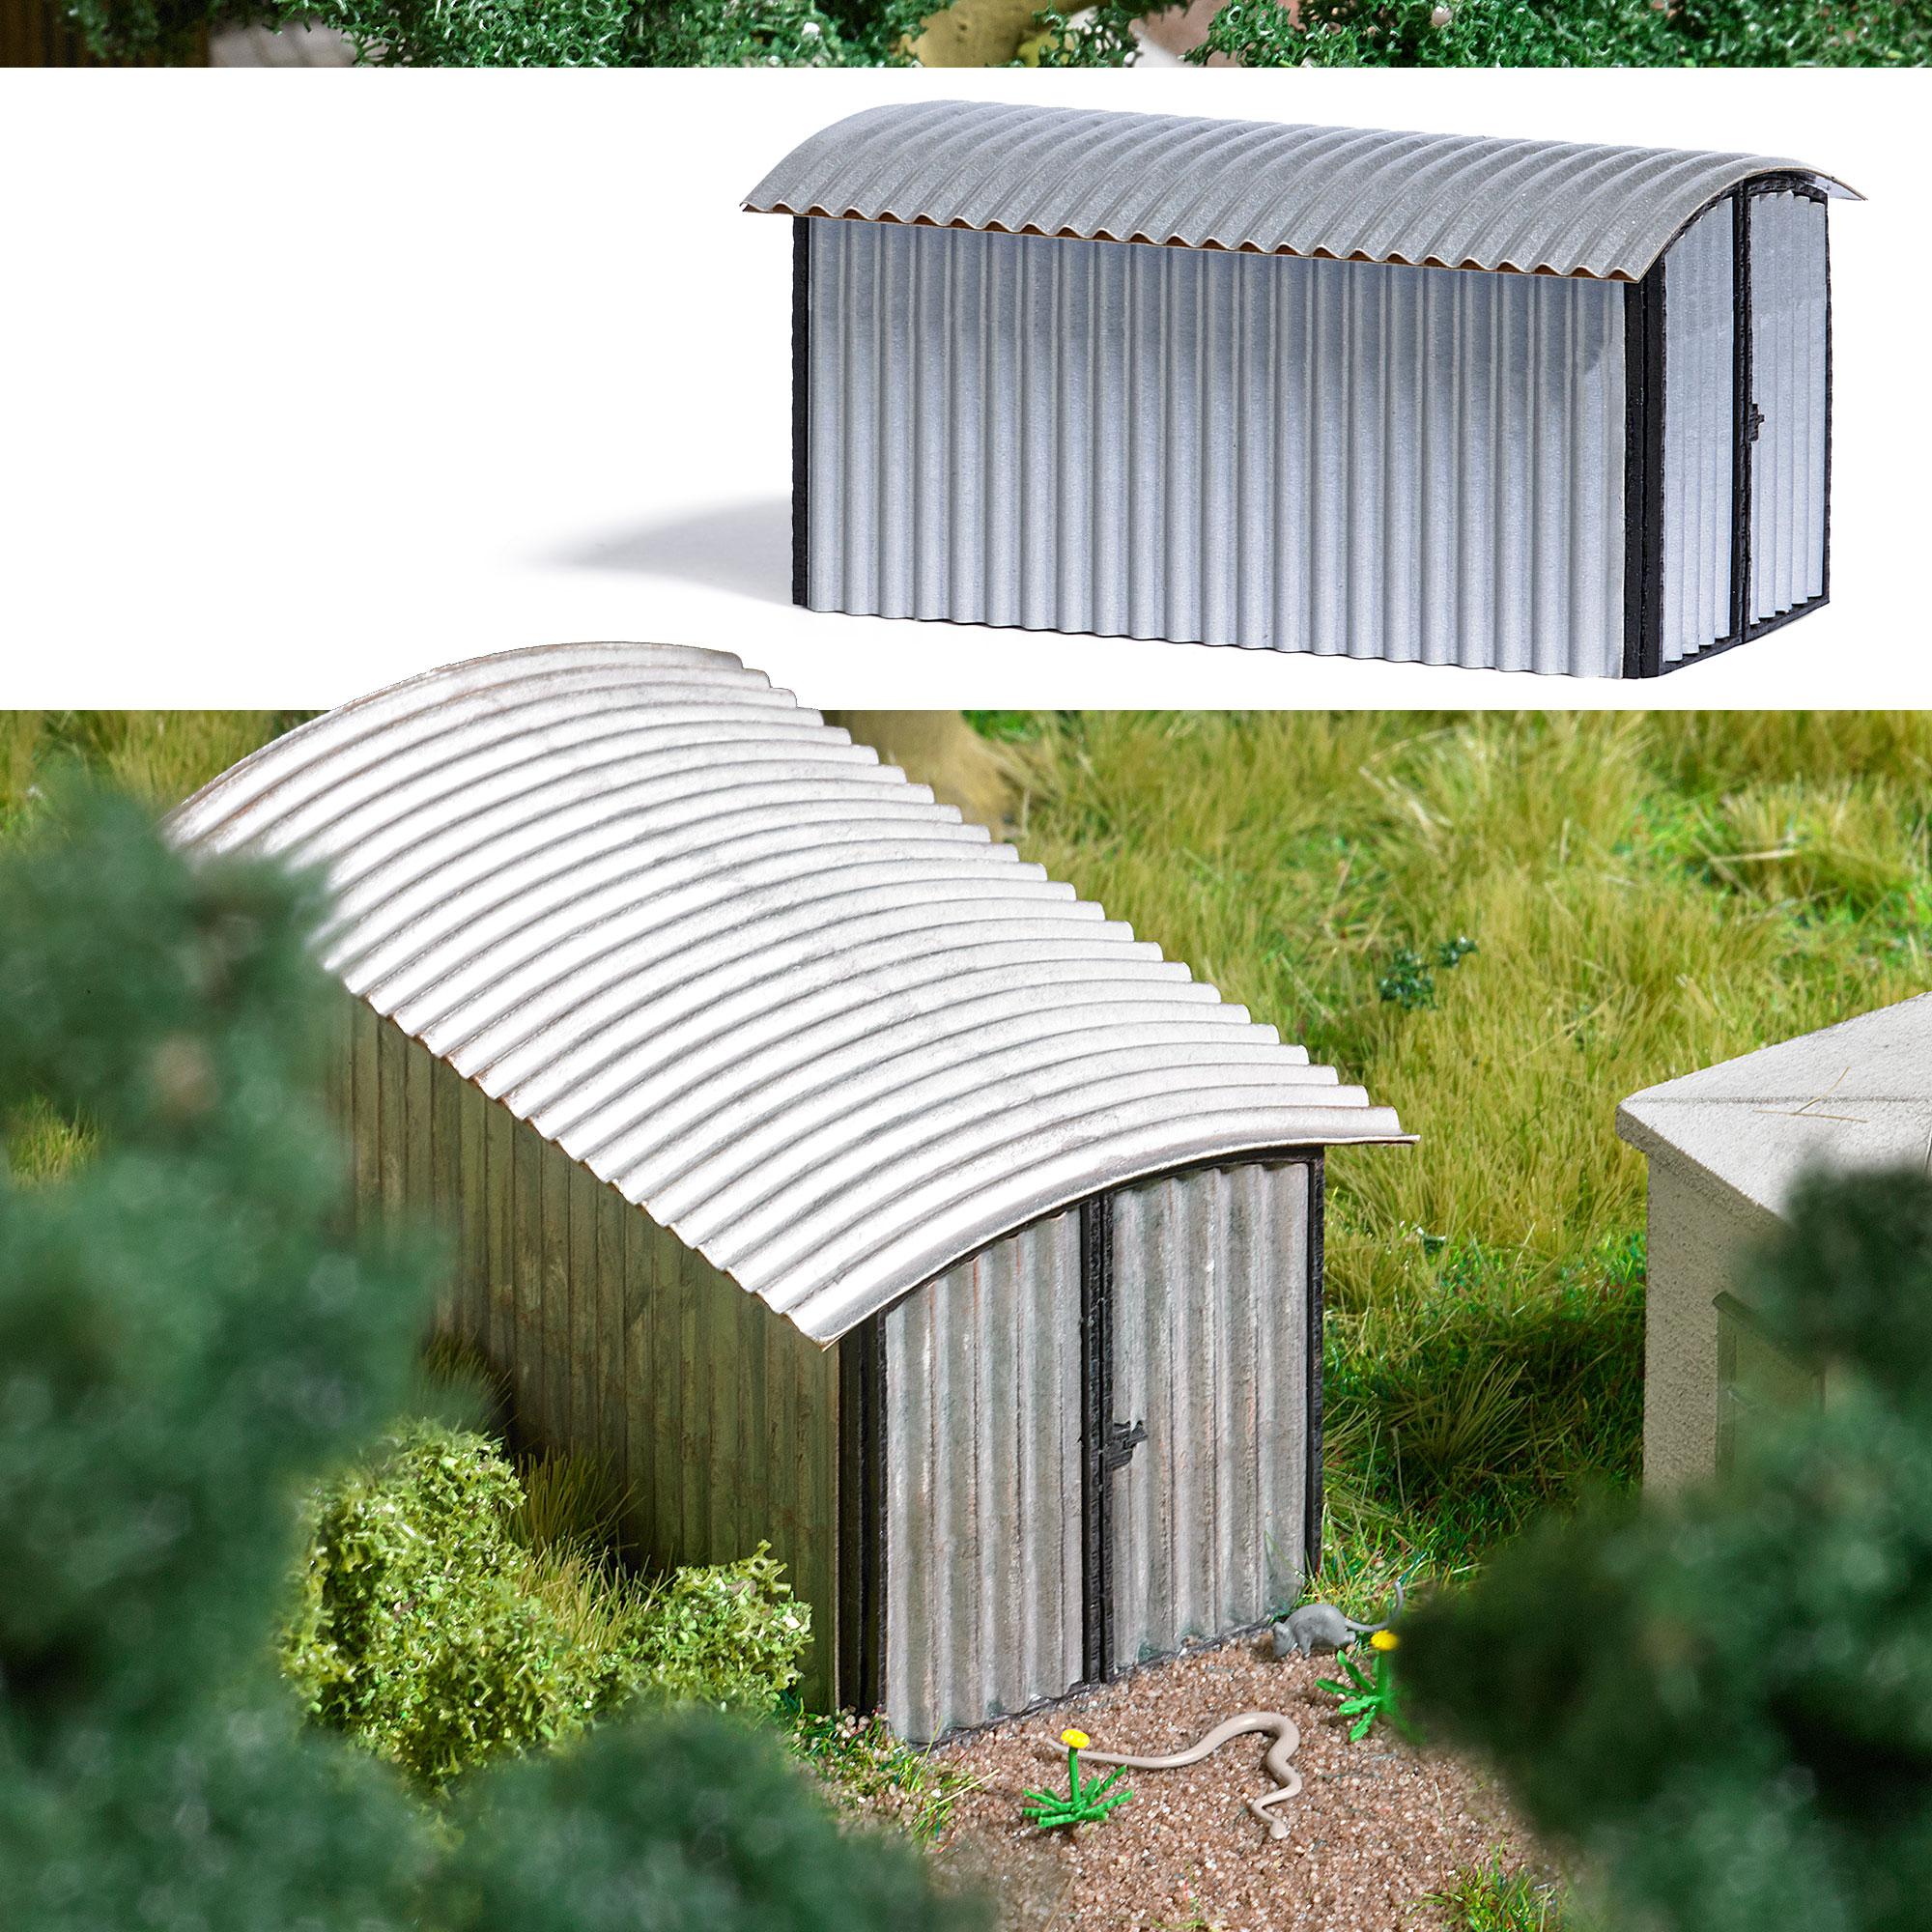 wellblechgarage wohnen freizeit geb udemodelle katalog modellbau busch modellbau. Black Bedroom Furniture Sets. Home Design Ideas